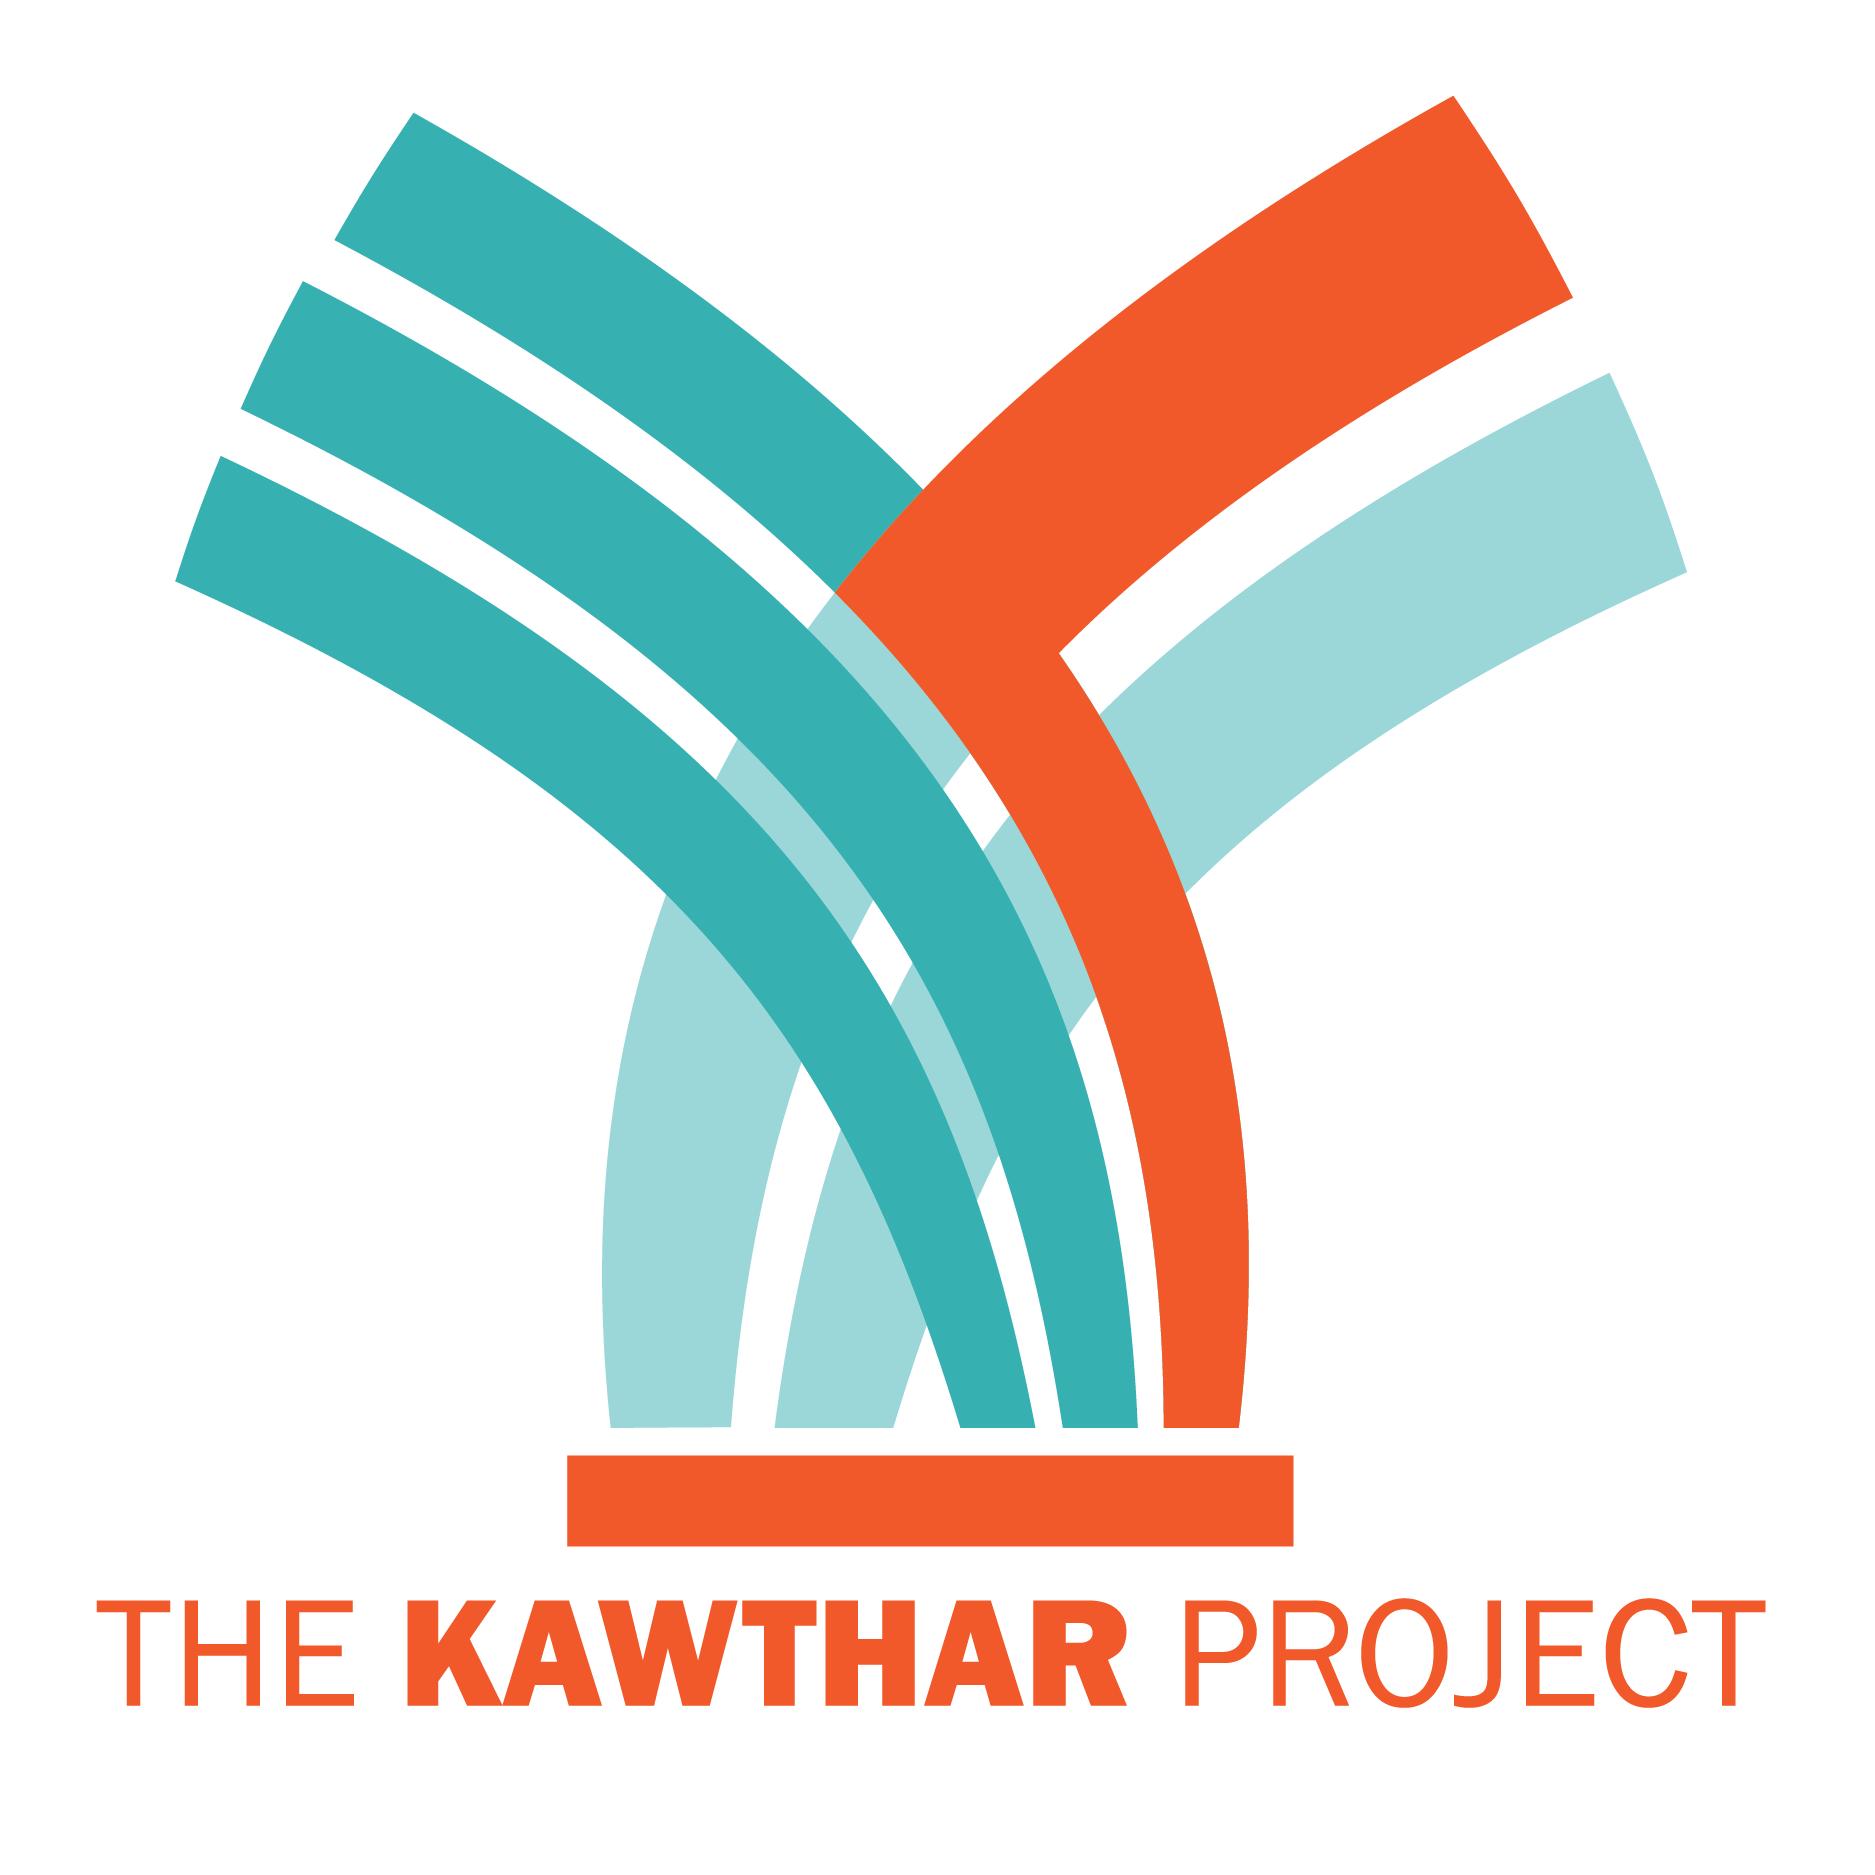 The Kawthar Project